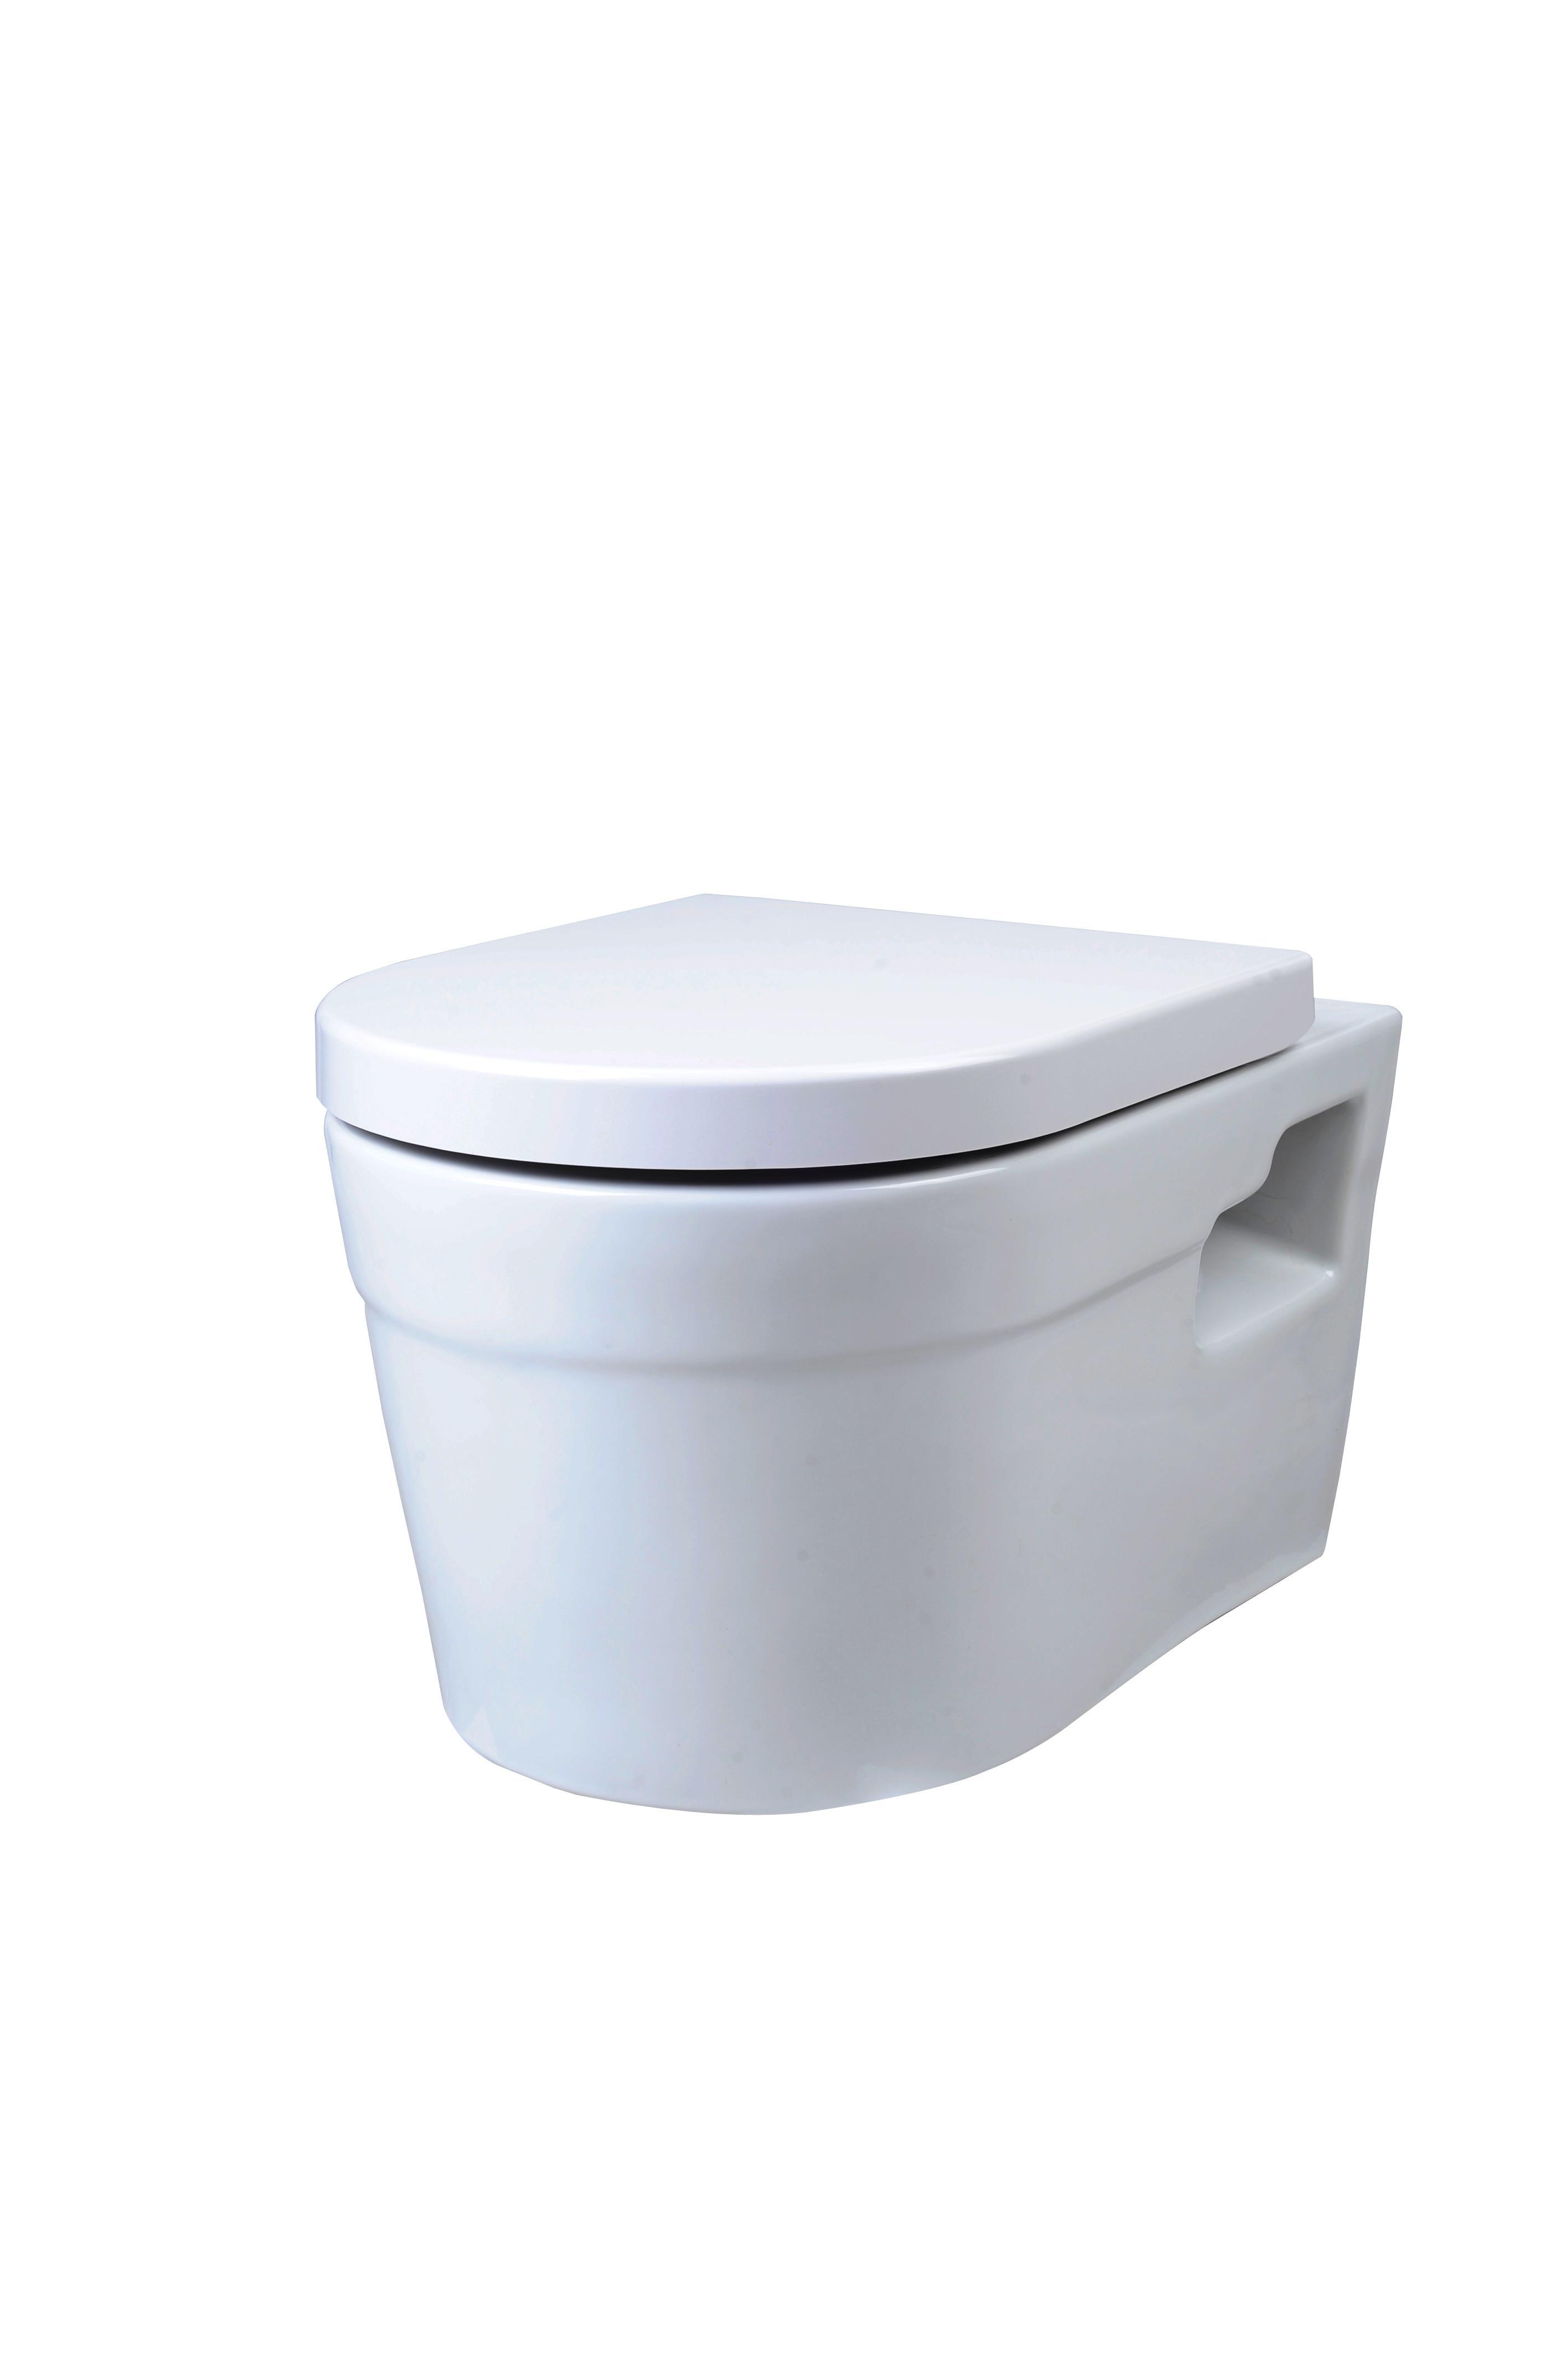 Унитаз Creo ceramique Re1100